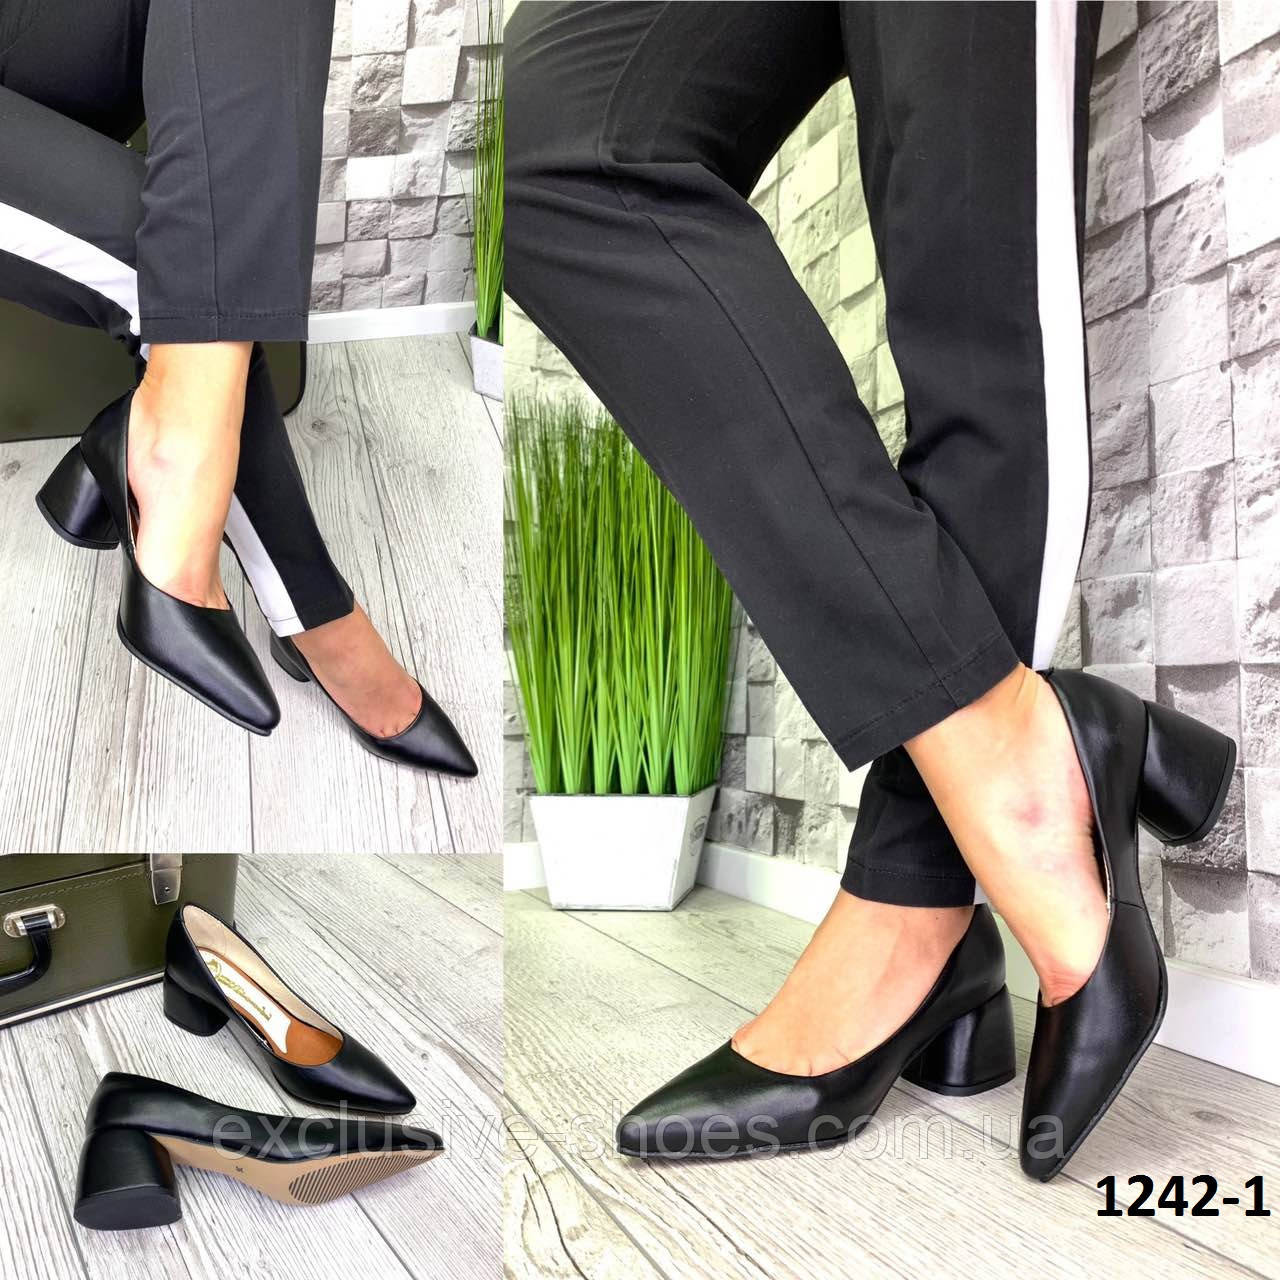 Туфли женские кожаные черные на каблуке остроносые лодочки